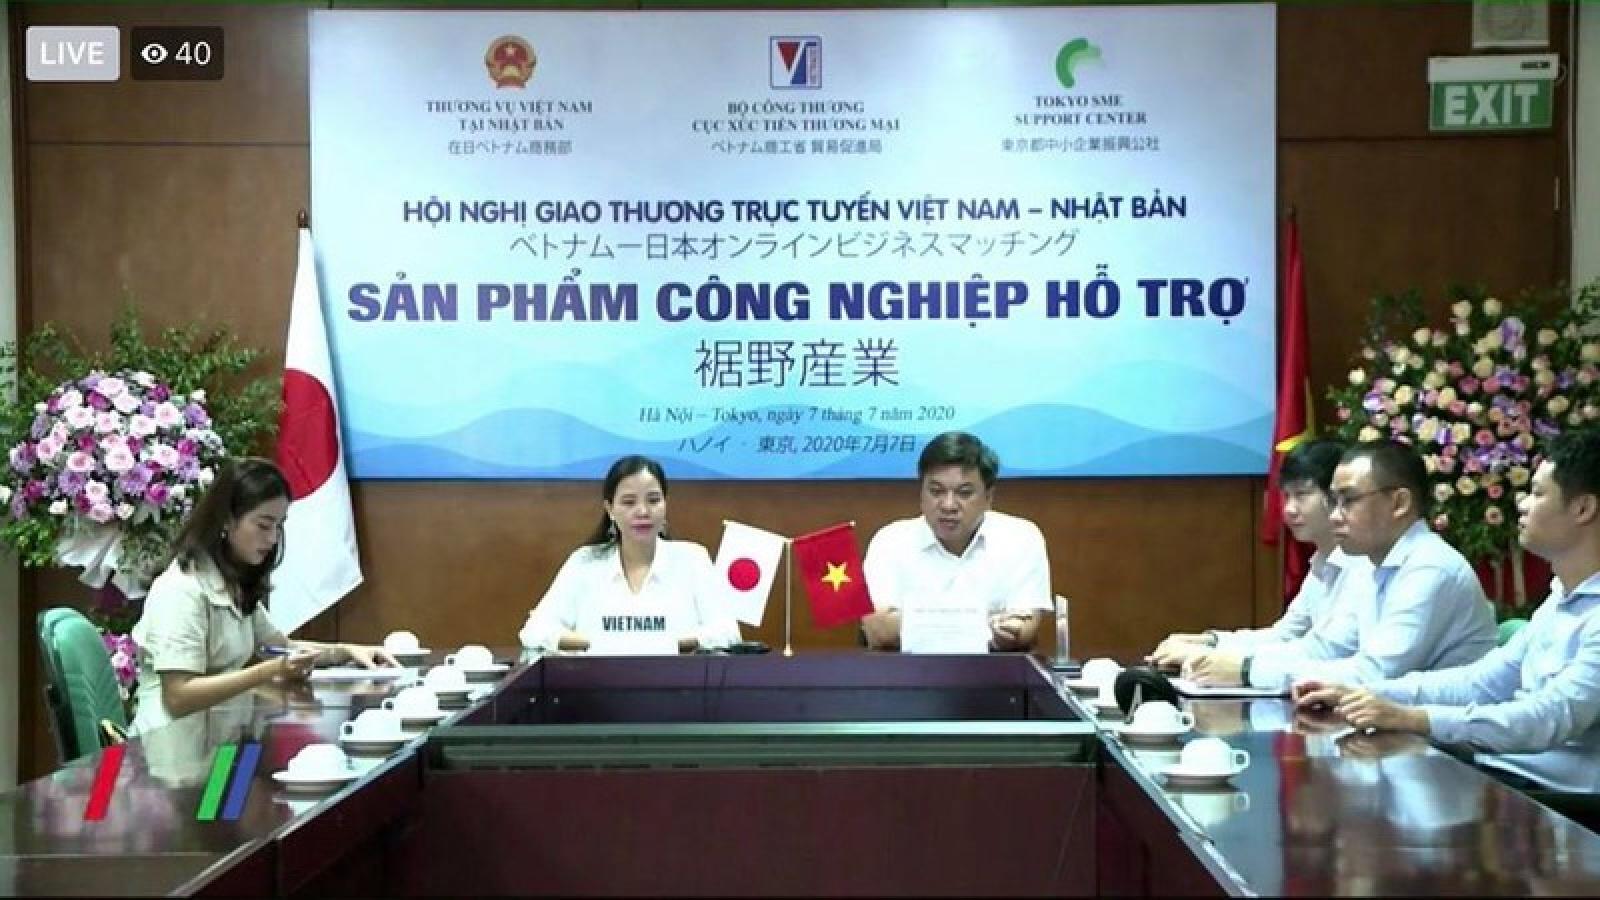 Tăng cường phát triển sản phẩm công nghiệp hỗ trợ Việt Nam-Nhật Bản